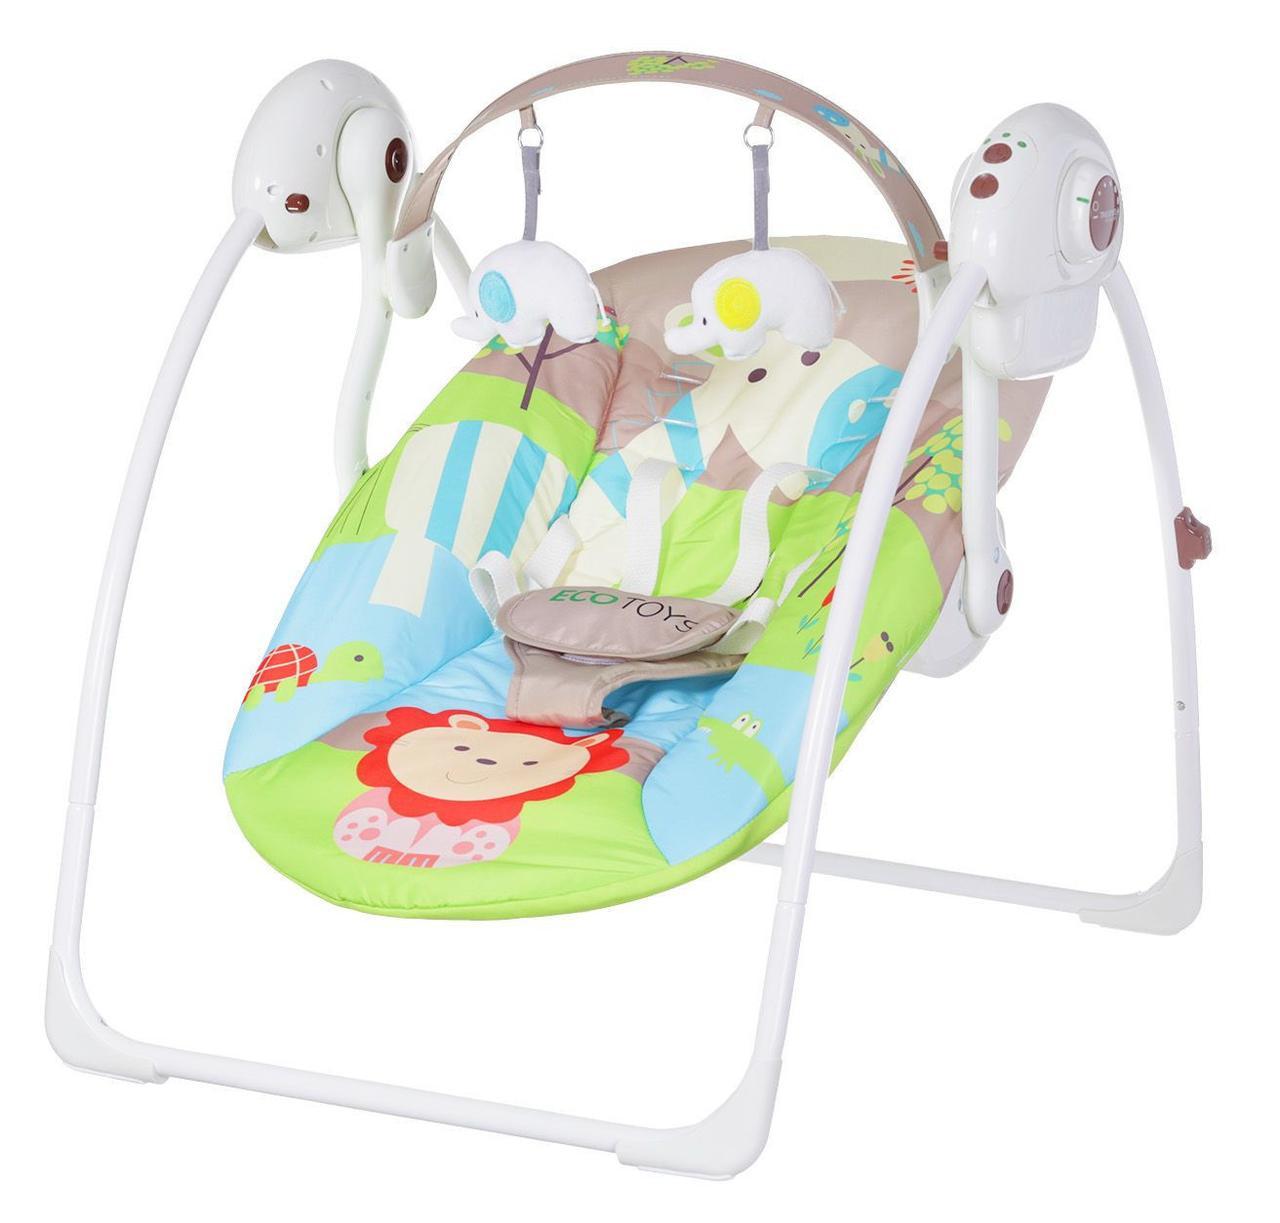 Кресло-качалка детское Джунгли от ECOTOYS